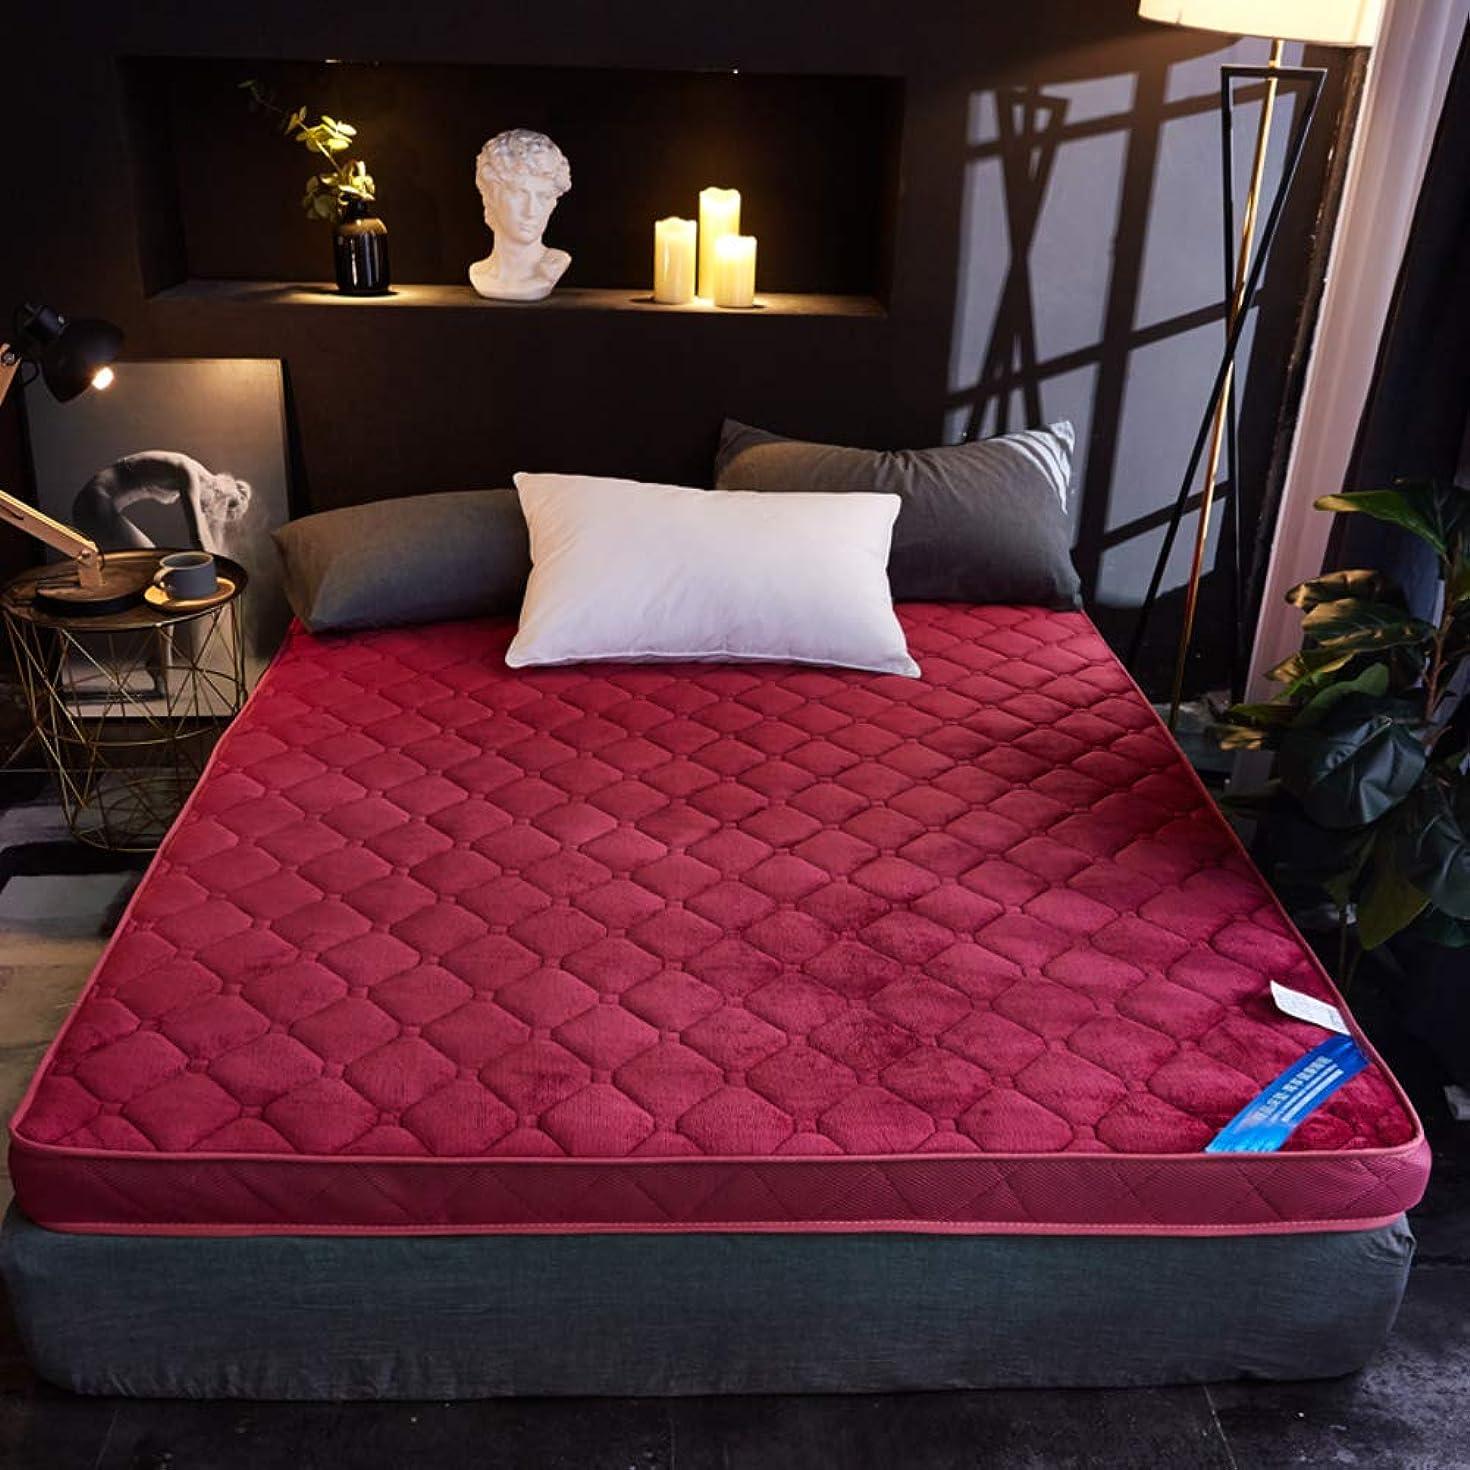 許可座る思慮深いキルト マットレス パッド, 記憶泡 延 冬 暖かい リビング ルーム 柔らか\ソフト 快適さ 持続可能です ベッド 床 食品-赤ワイン 120x190x6cm